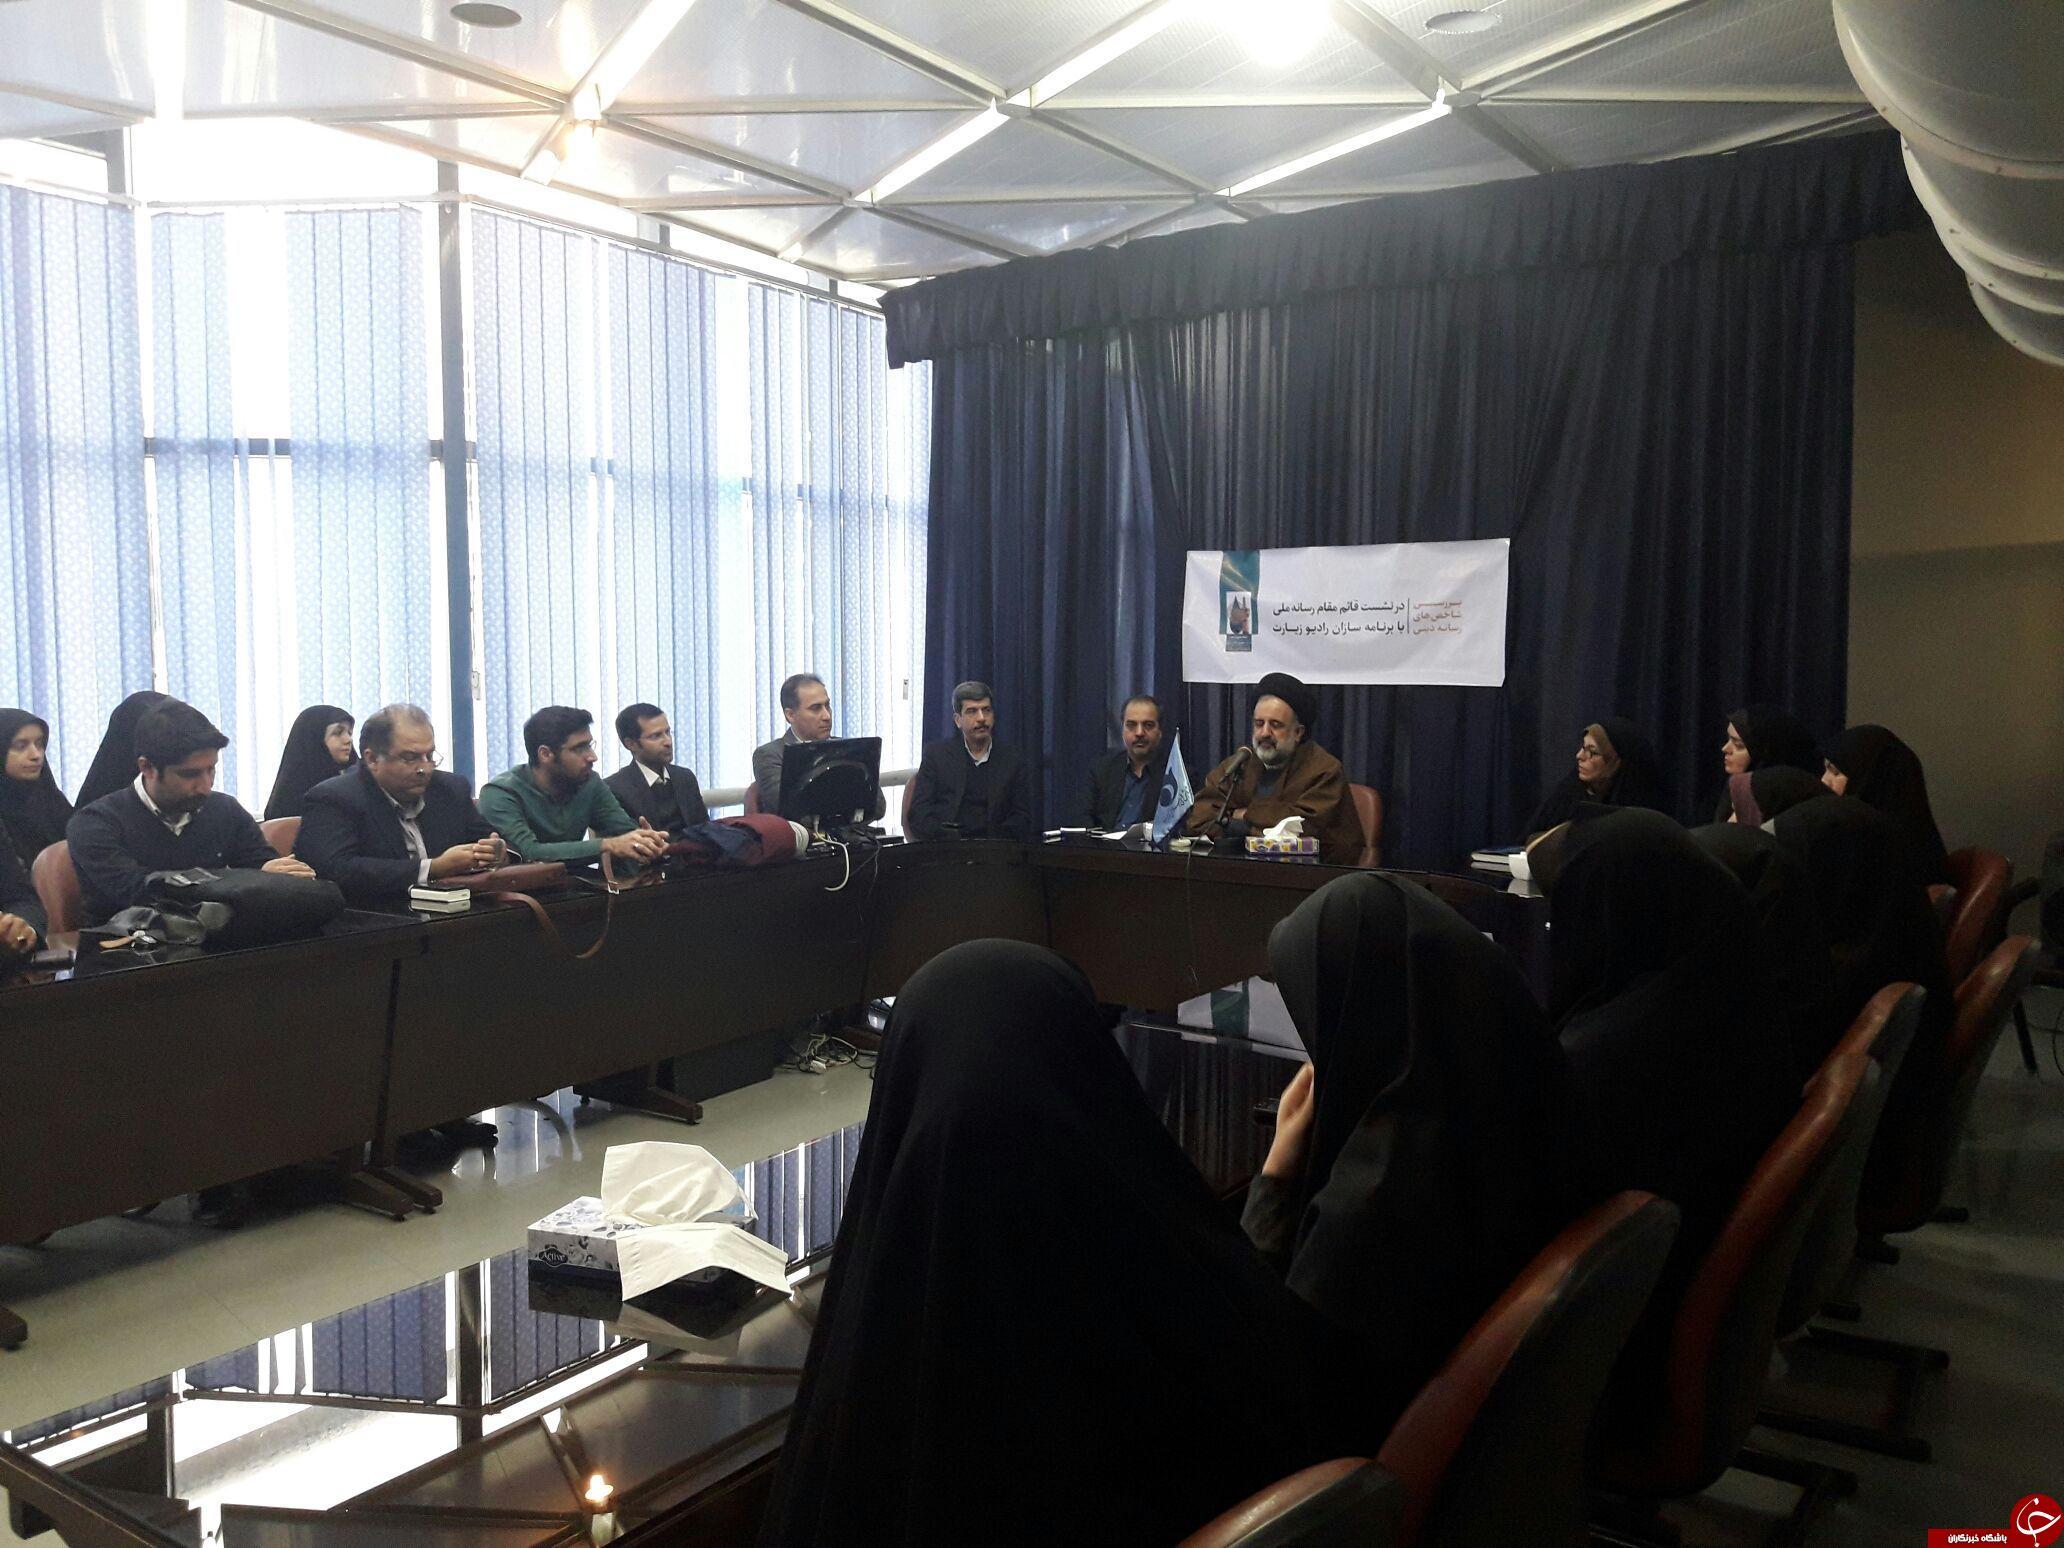 قائم مقام رسانه ملی از رادیو سراسری زیارت بازدید کرد